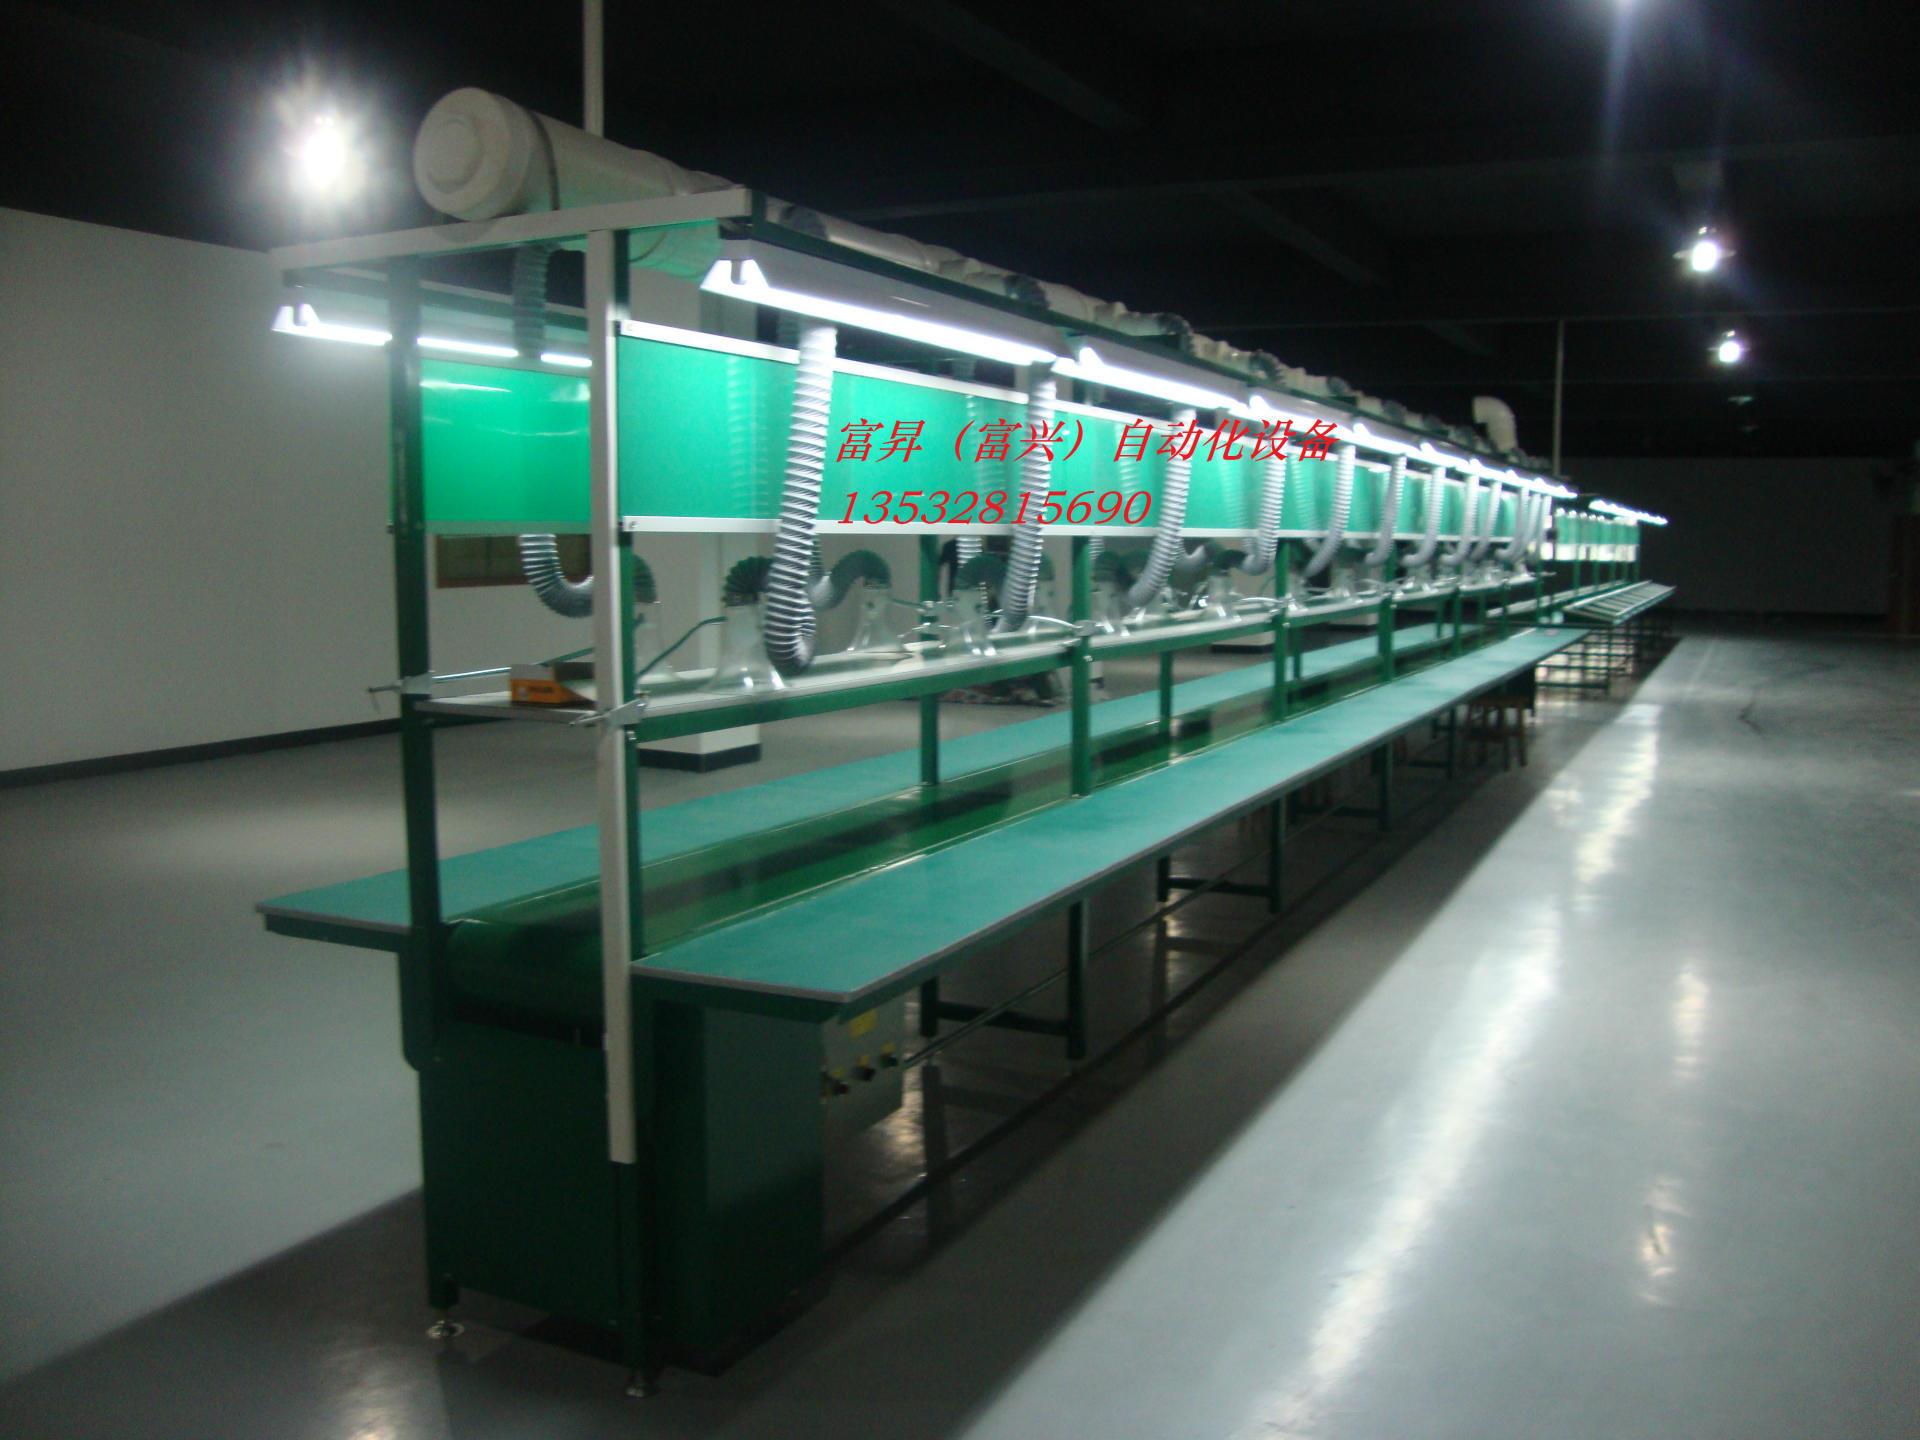 供应订制各种流水线/电子生产线/电器流水线/各行业生产线